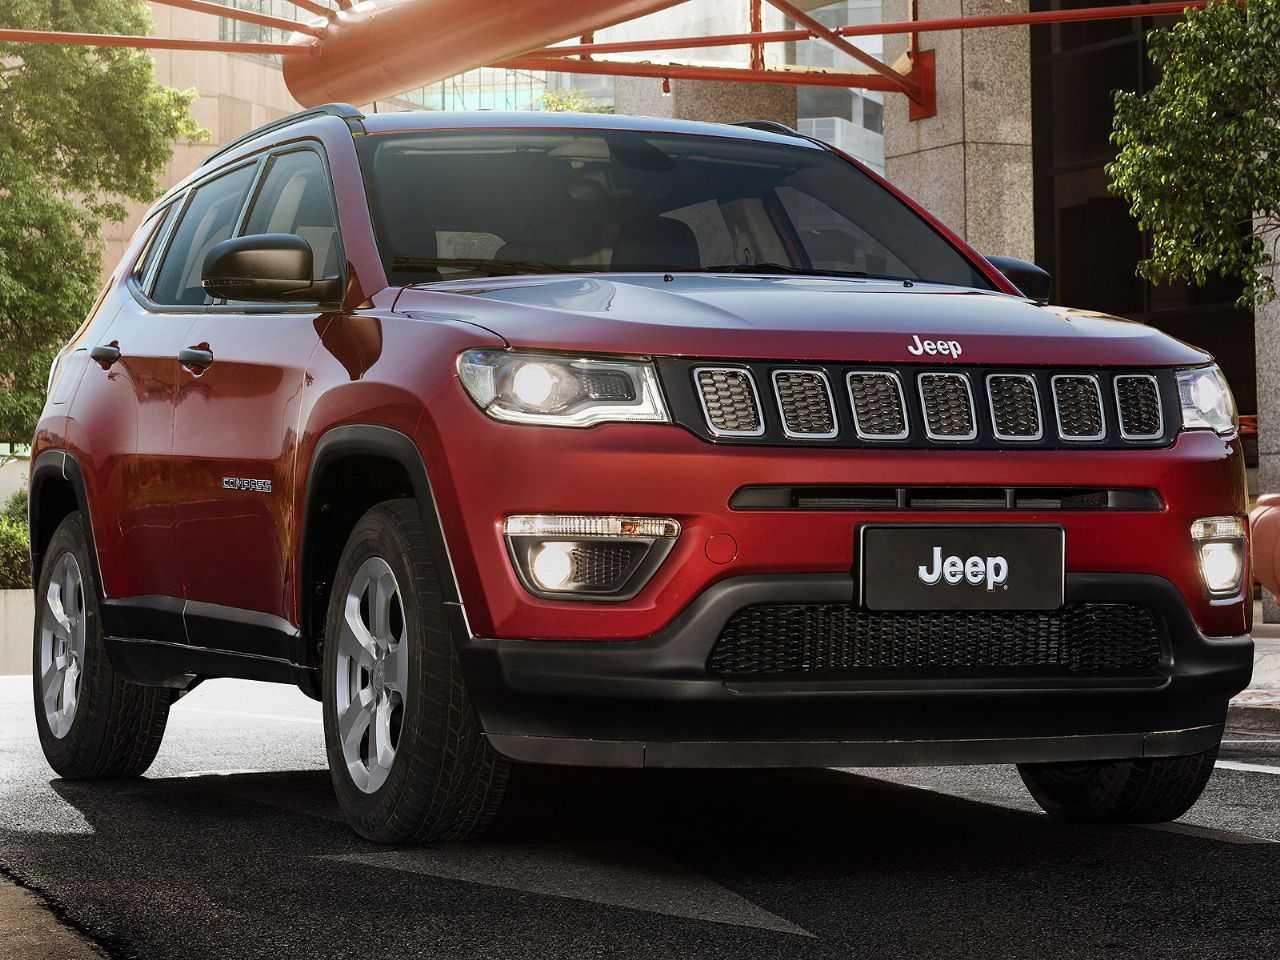 Galeria De Fotos Flagra Antecipa O Que Mudara No Interior Do Jeep